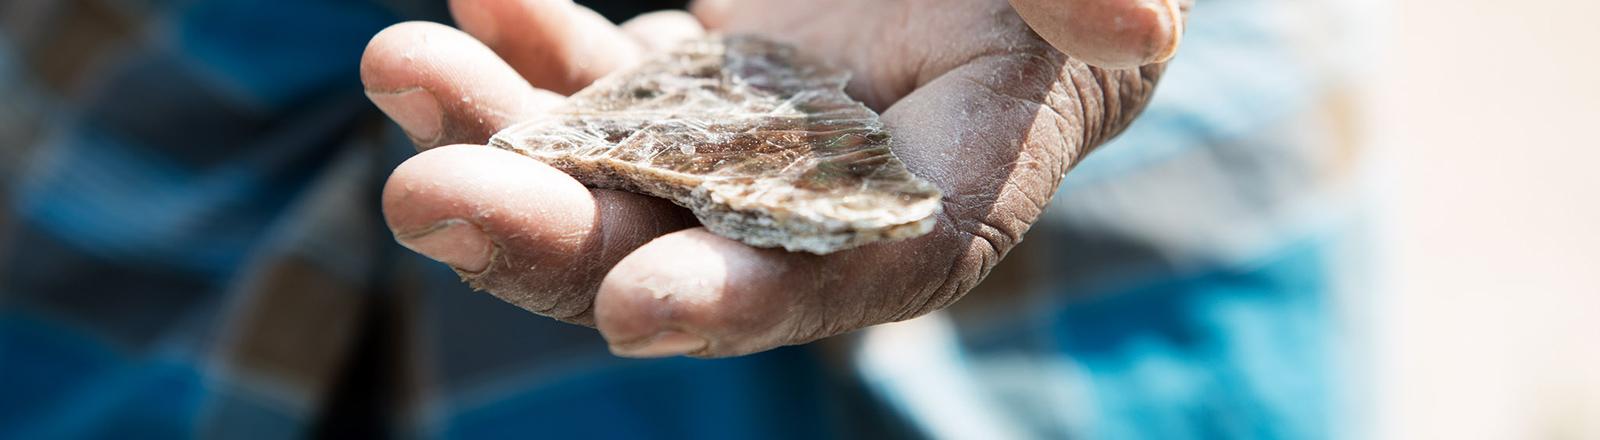 Kinder arbeiten in indischen Minen und gewinnen Glimmer.